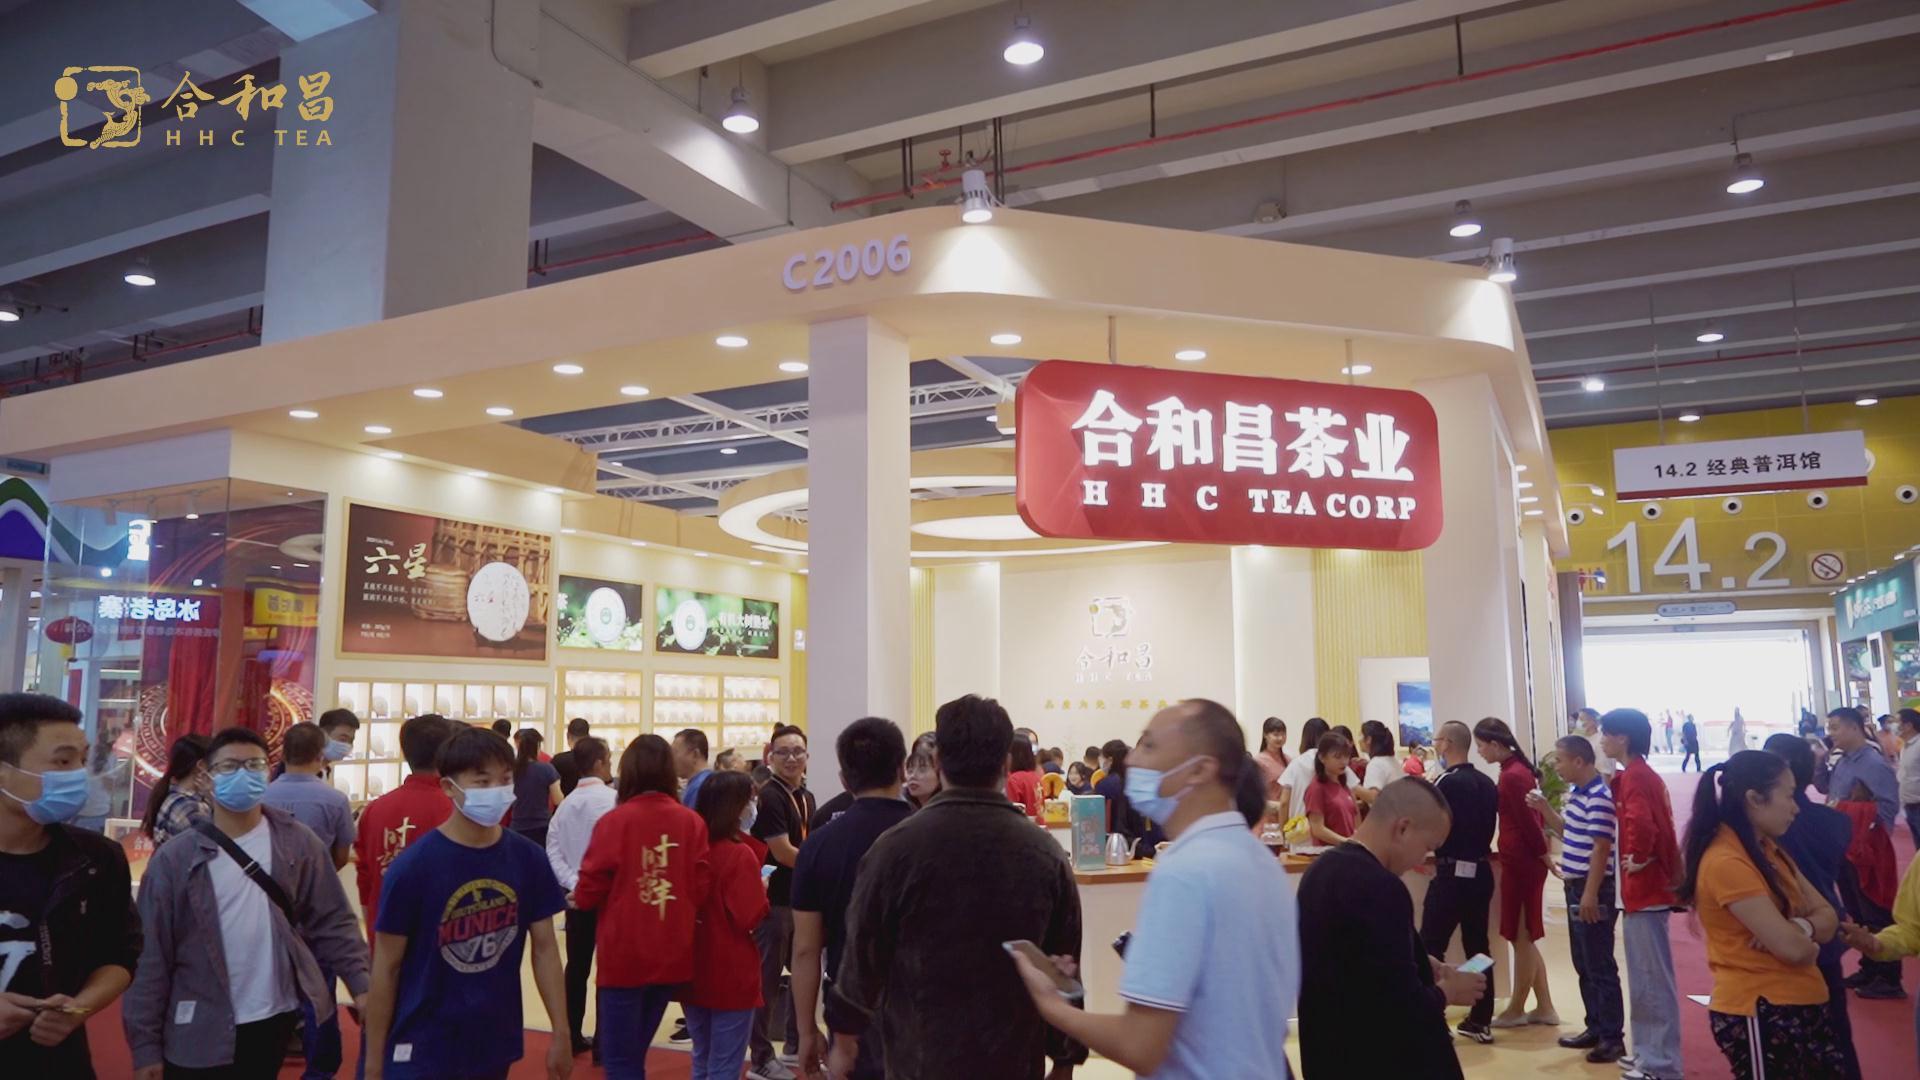 合和昌2020秋季茶博会